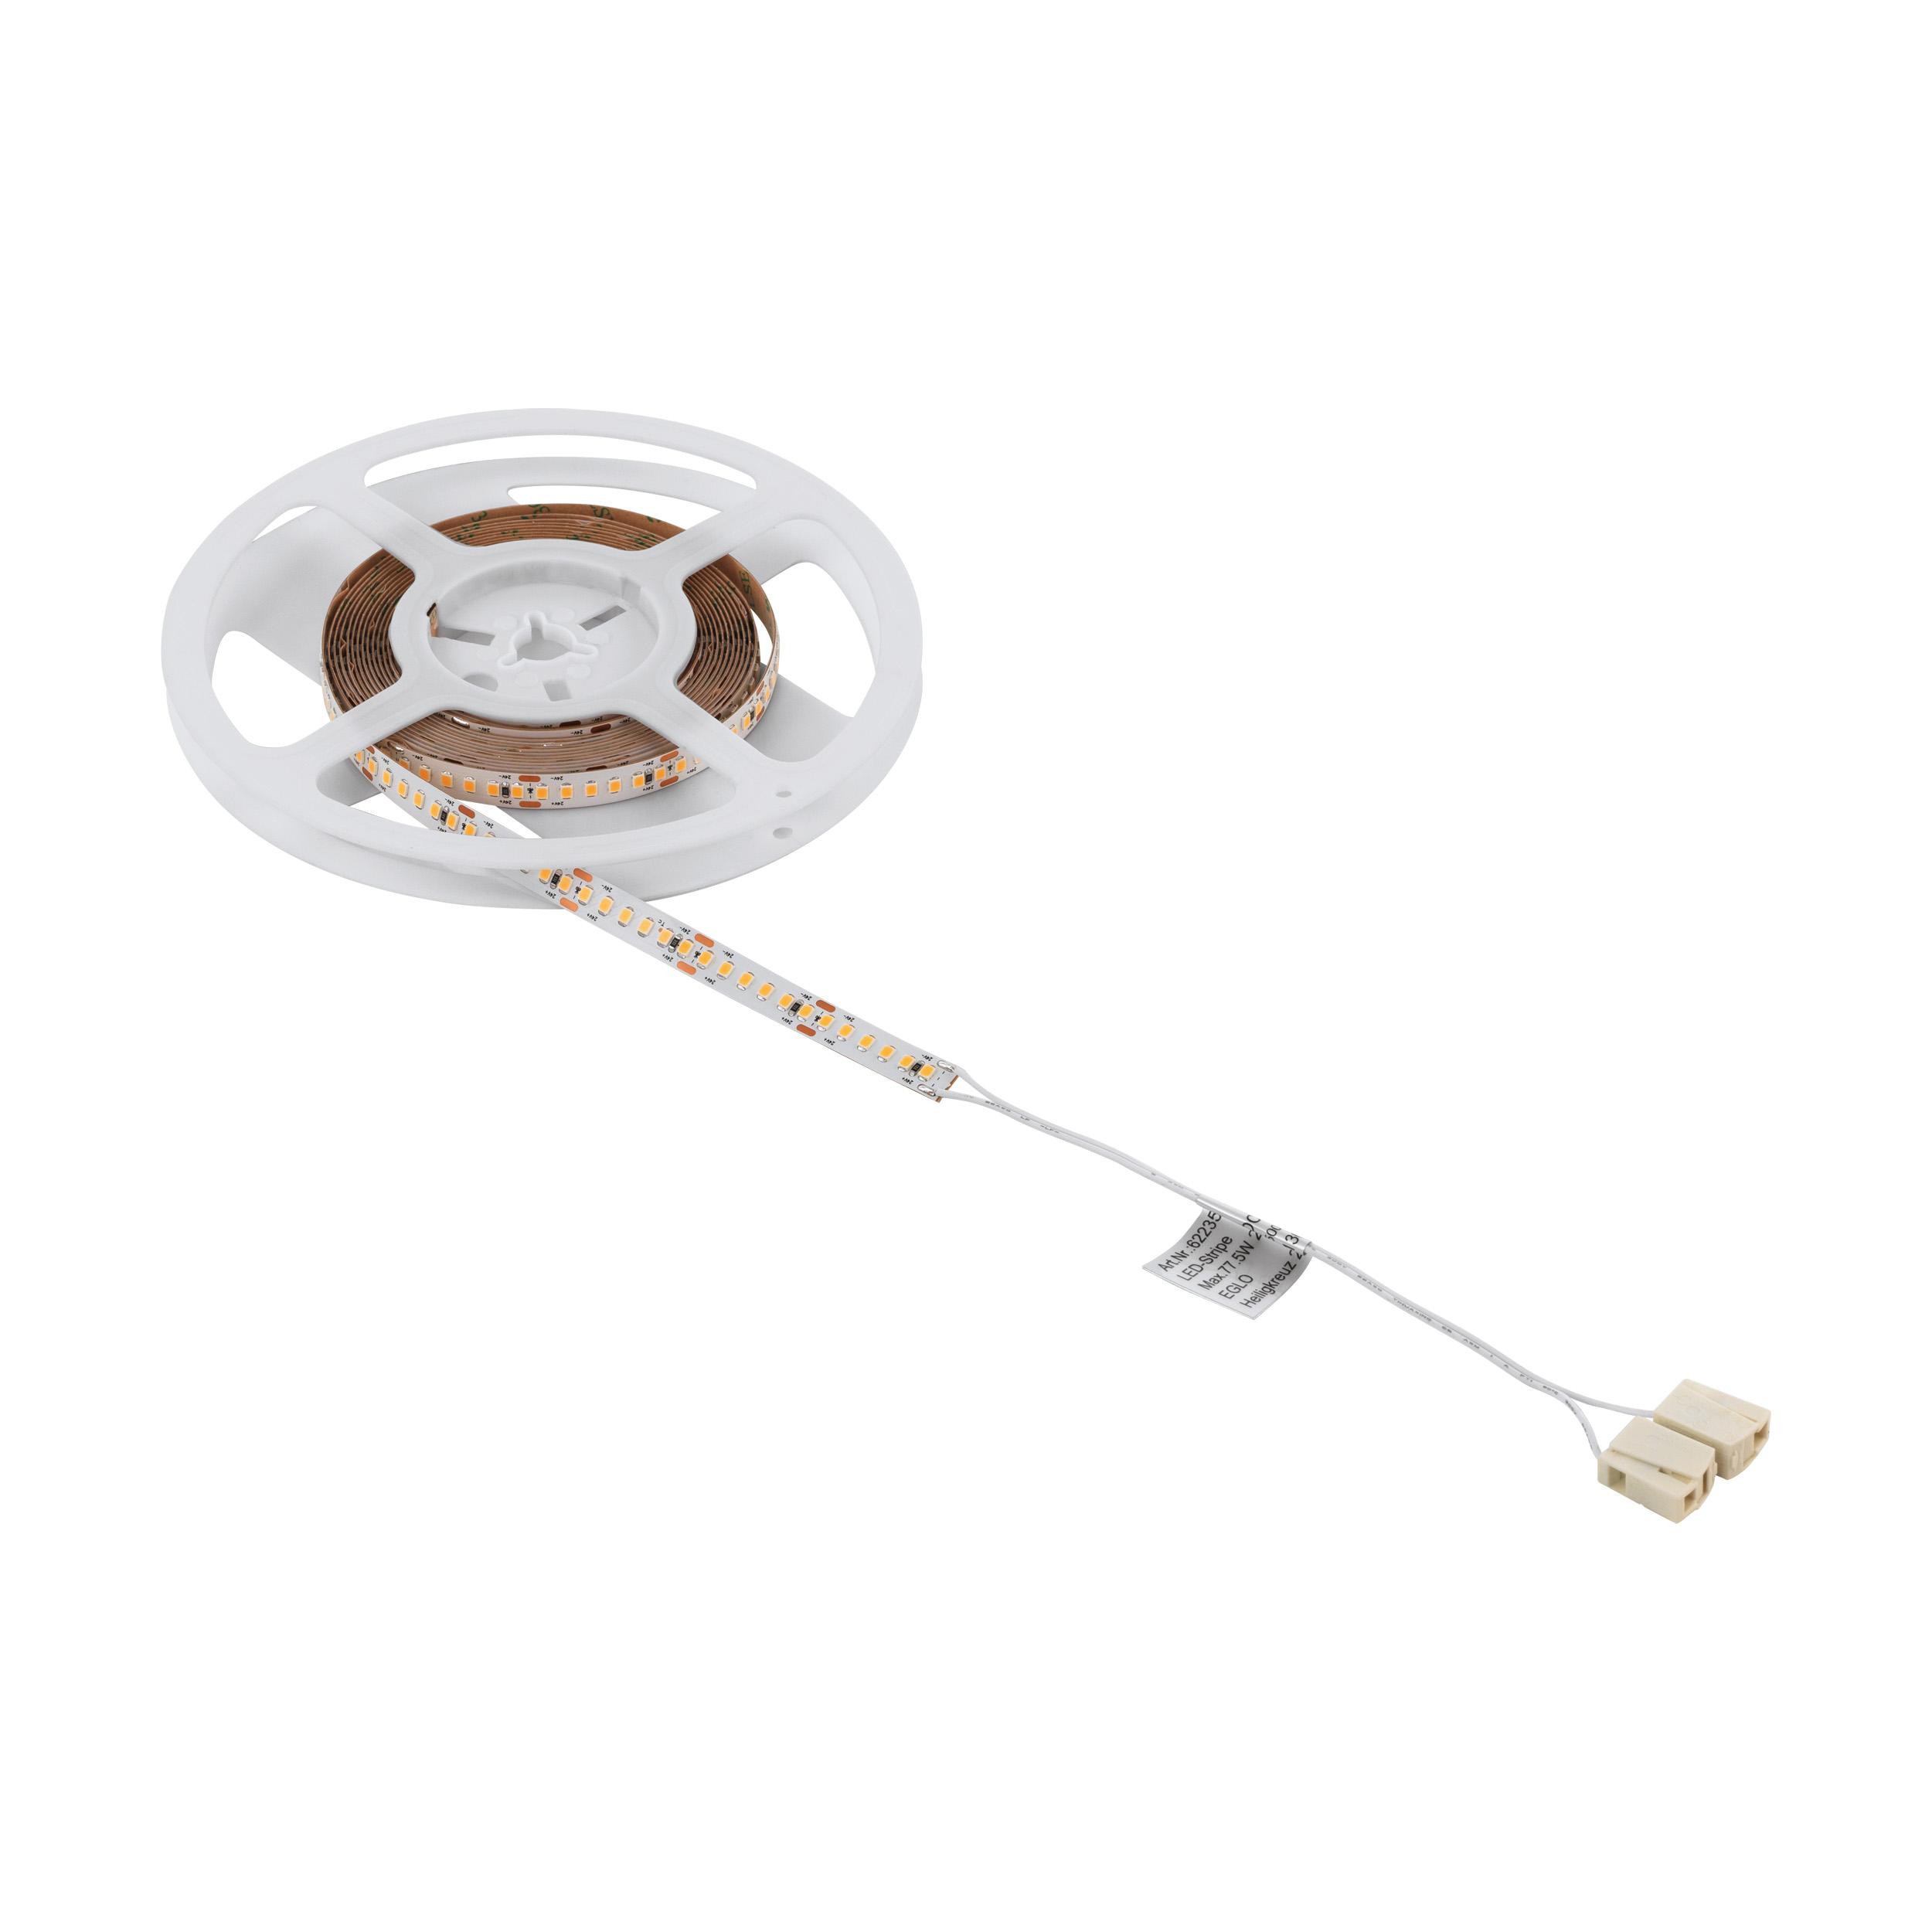 1 Stk LED-STRIPE 20m Rolle, Angabe per Meter 15,5W/mW 2700K IP20 LI63297---